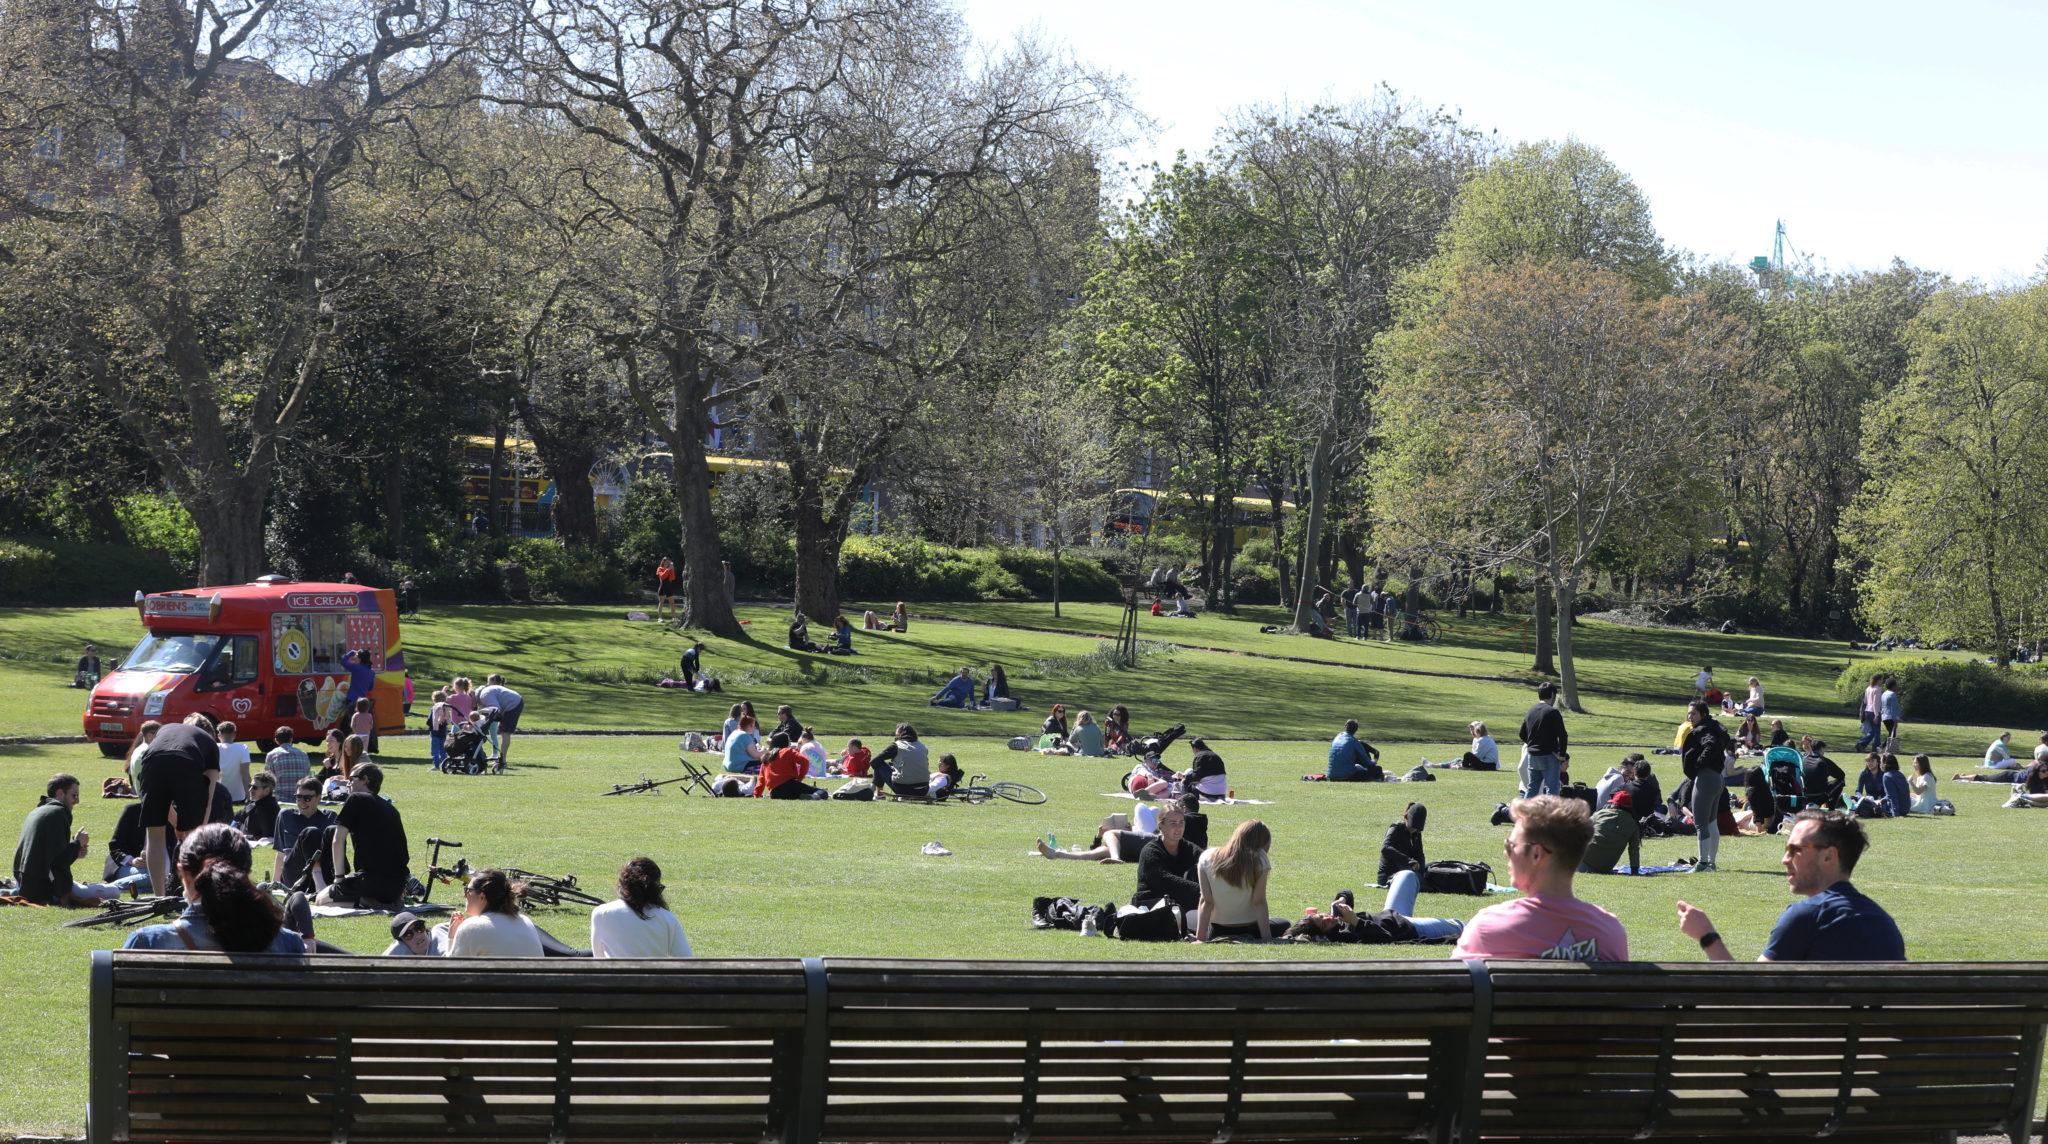 Merrion Square Park in Dublin,